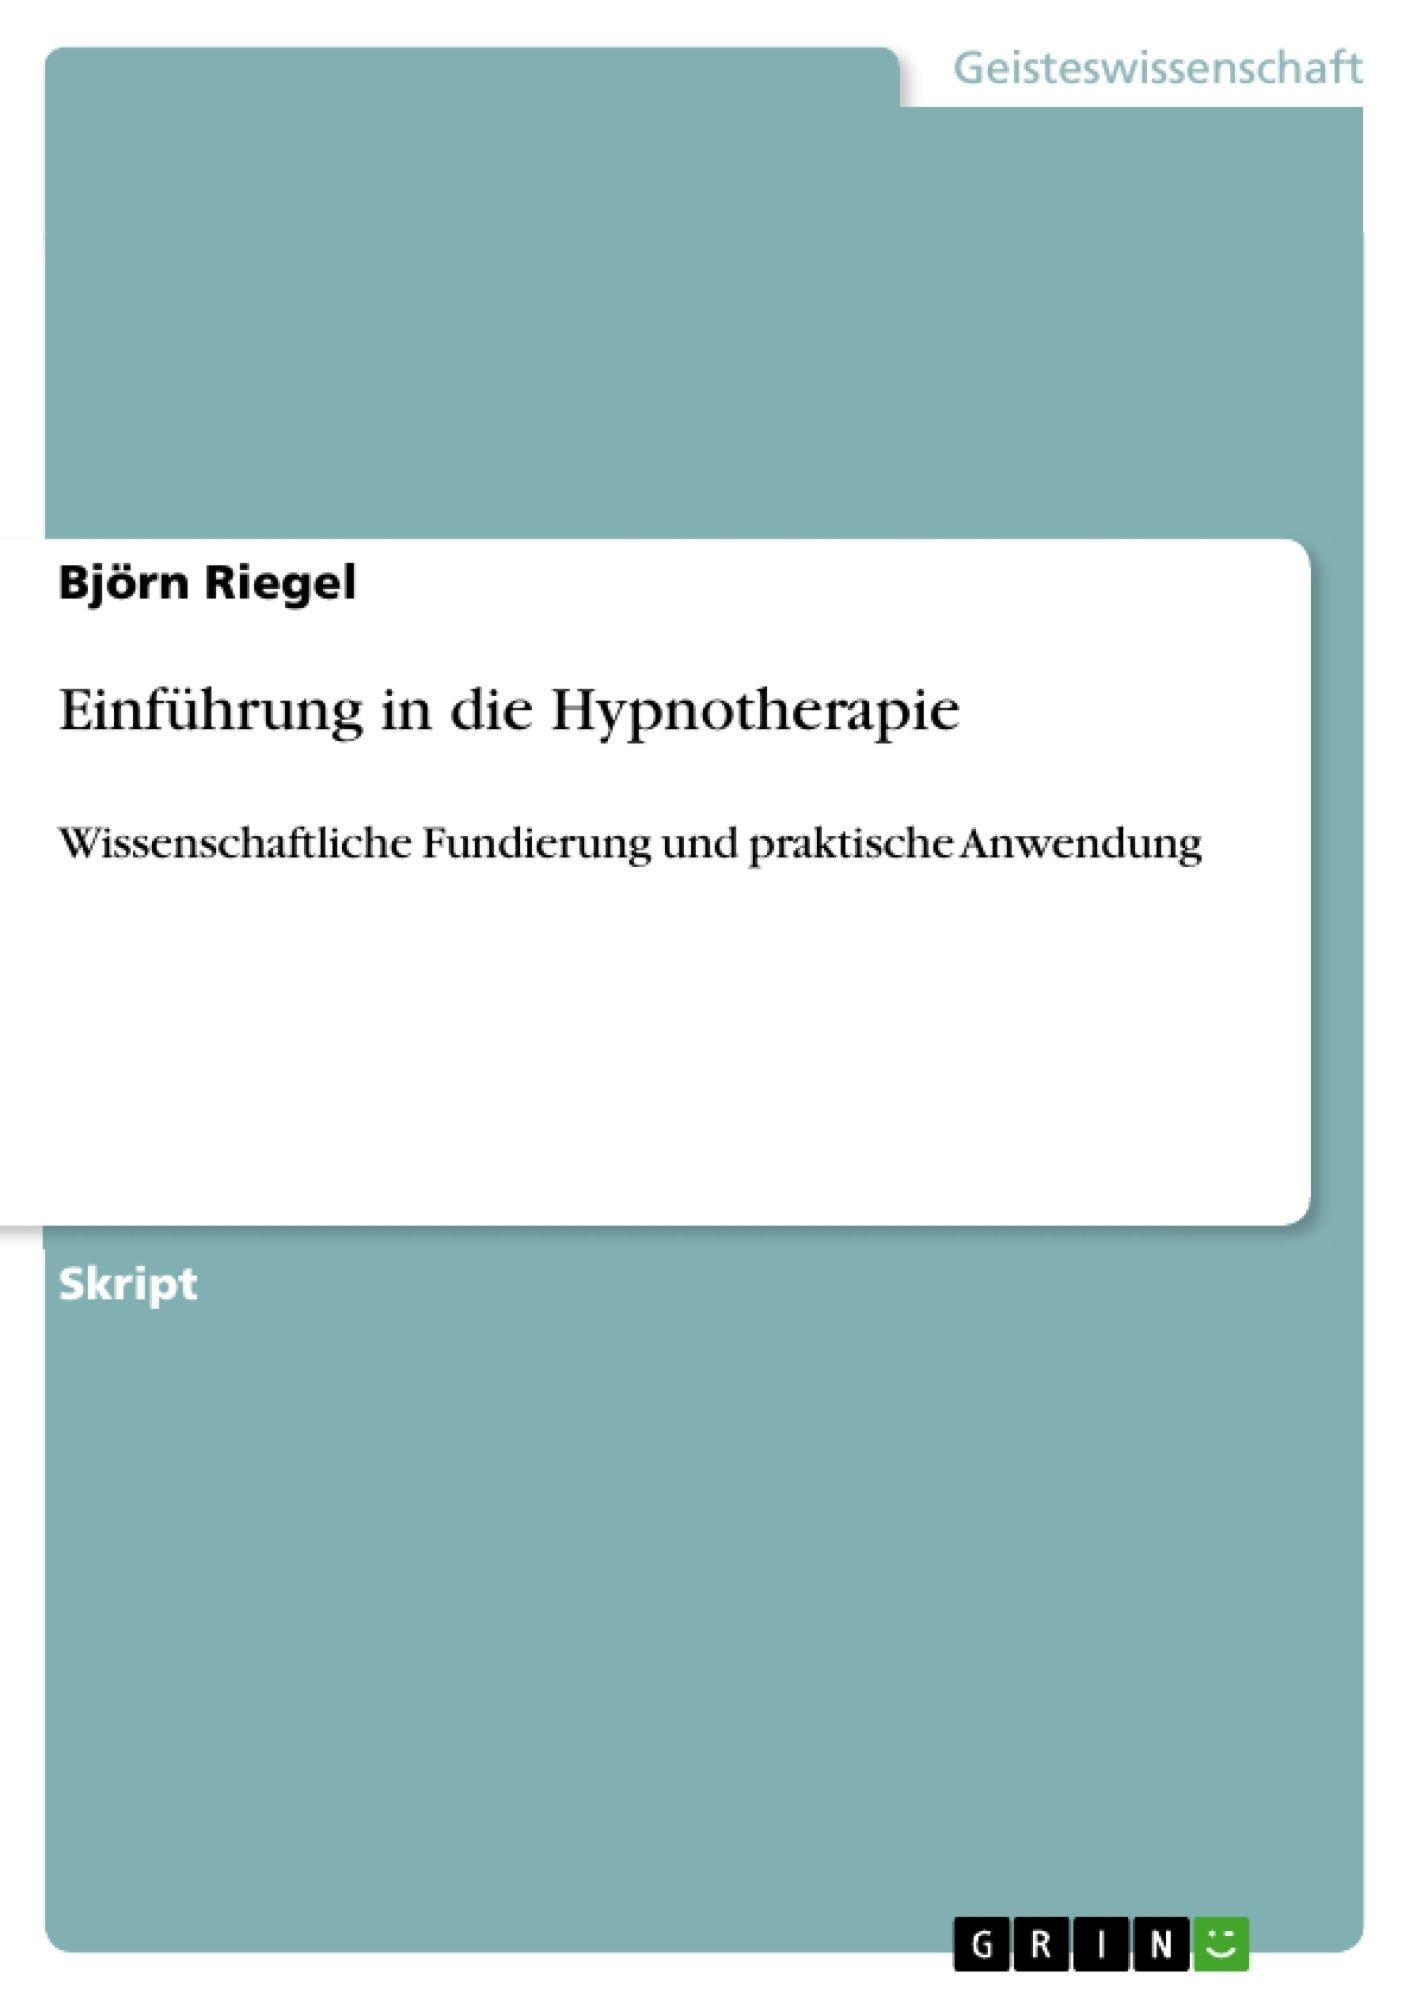 Titel: Einführung in die Hypnotherapie